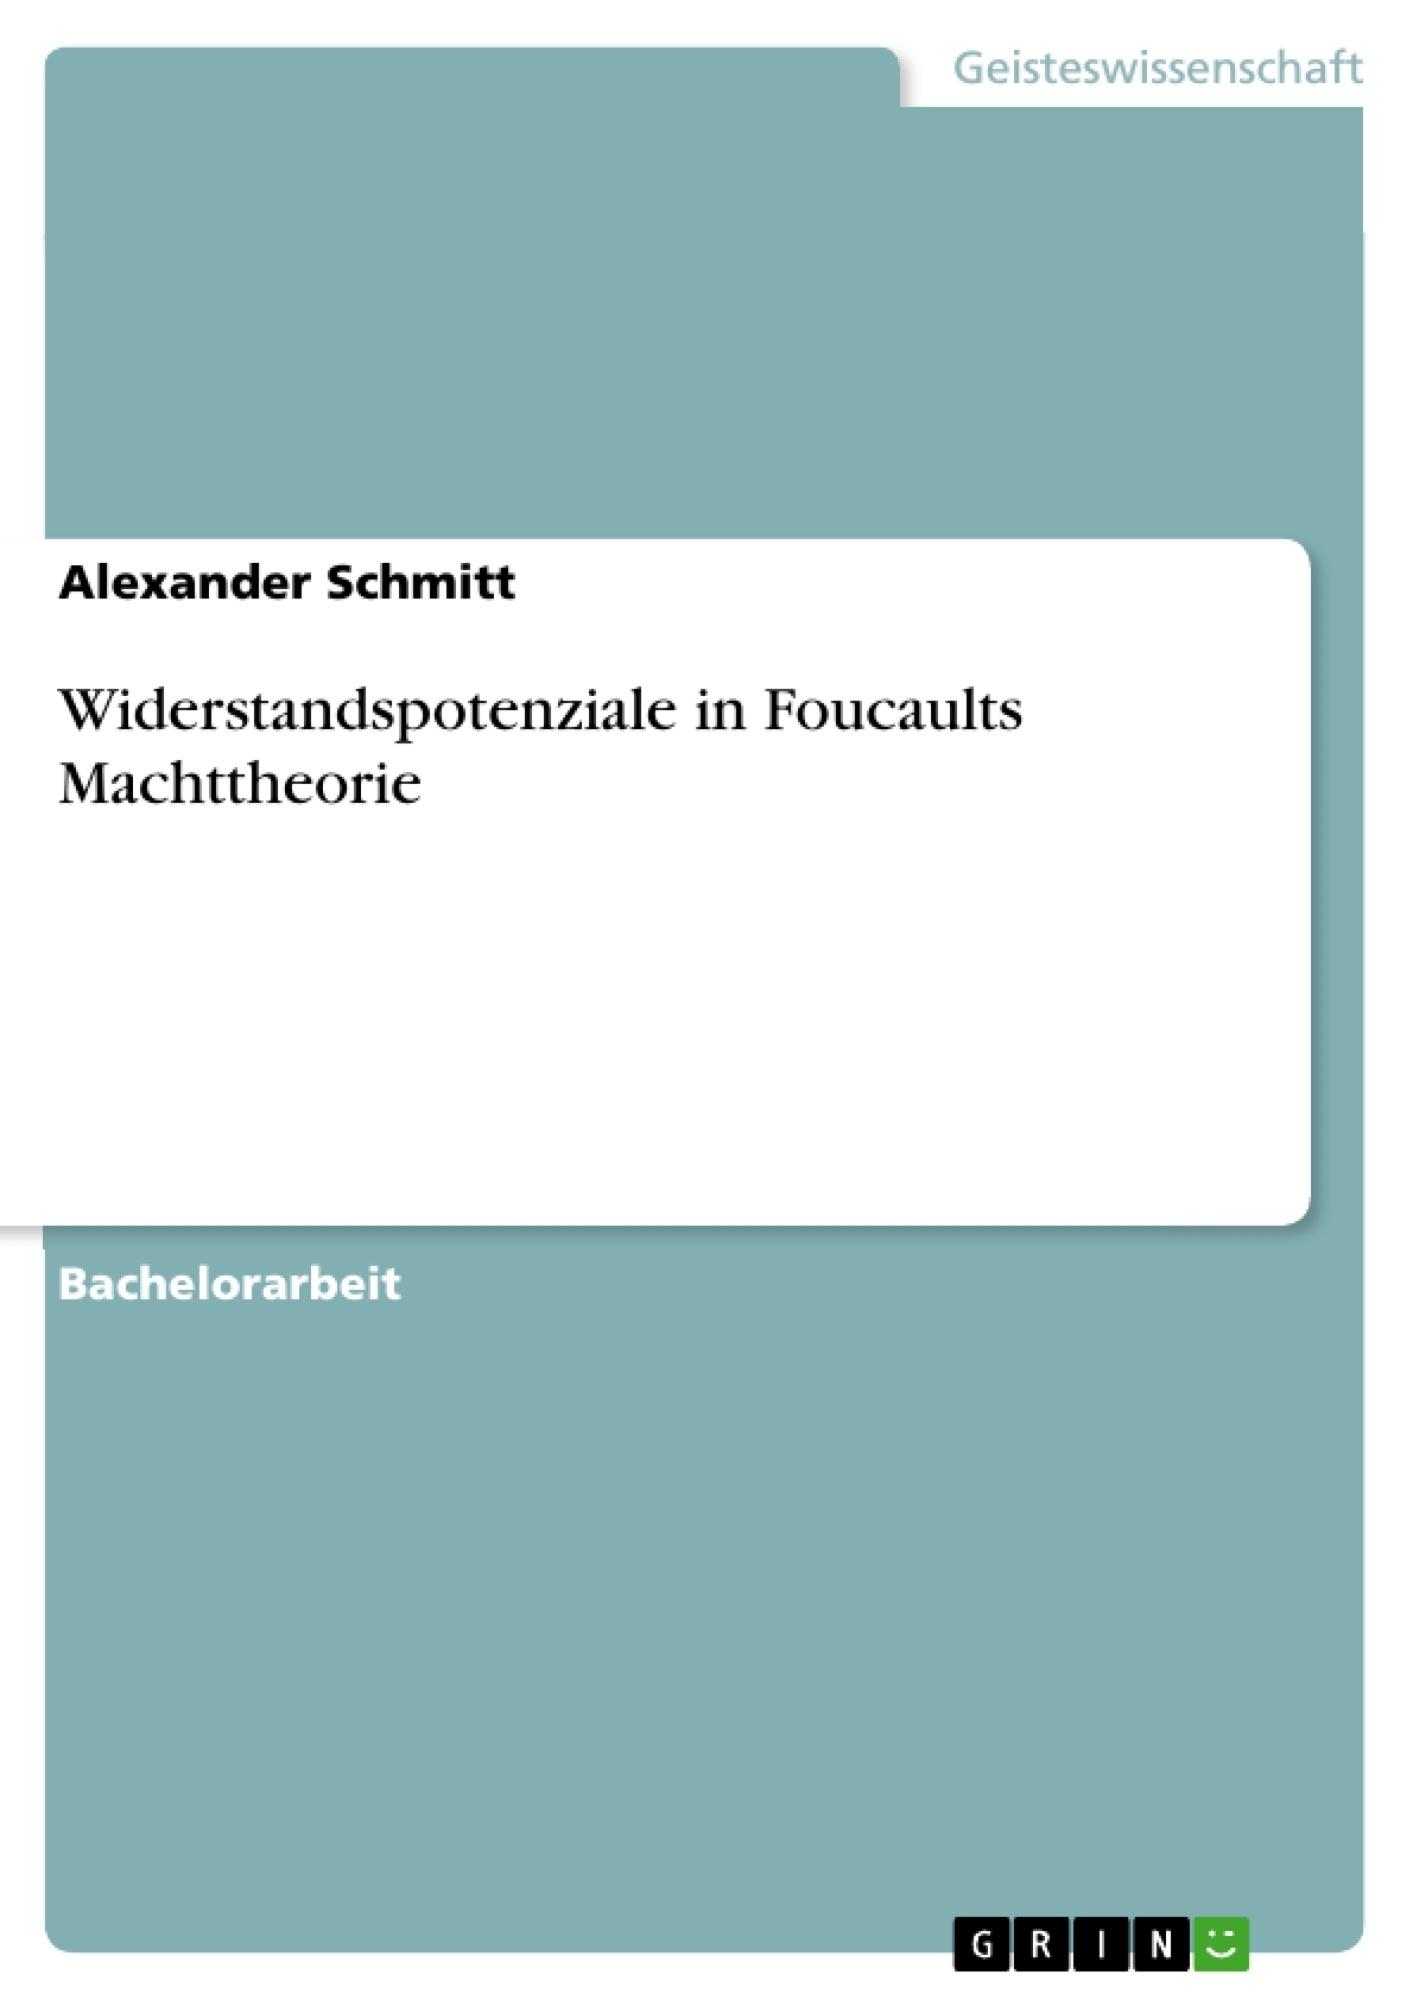 Titel: Widerstandspotenziale in Foucaults Machttheorie